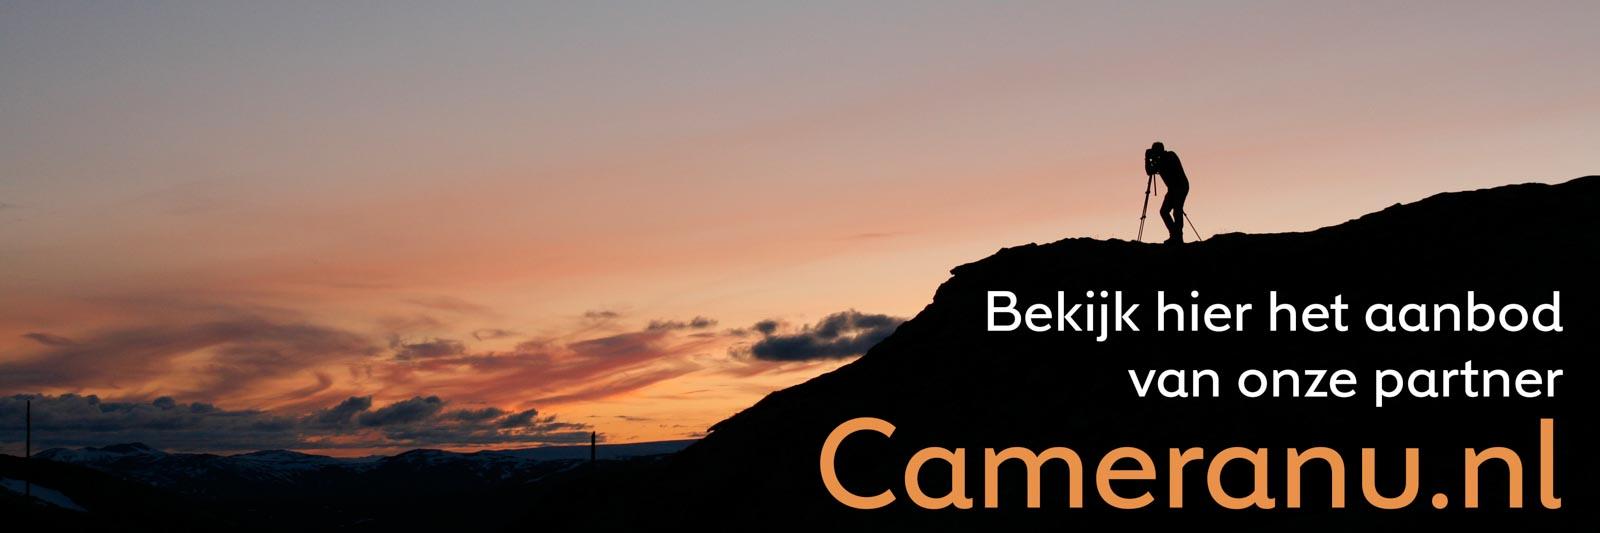 Bezoek onze partner Cameranu.nl